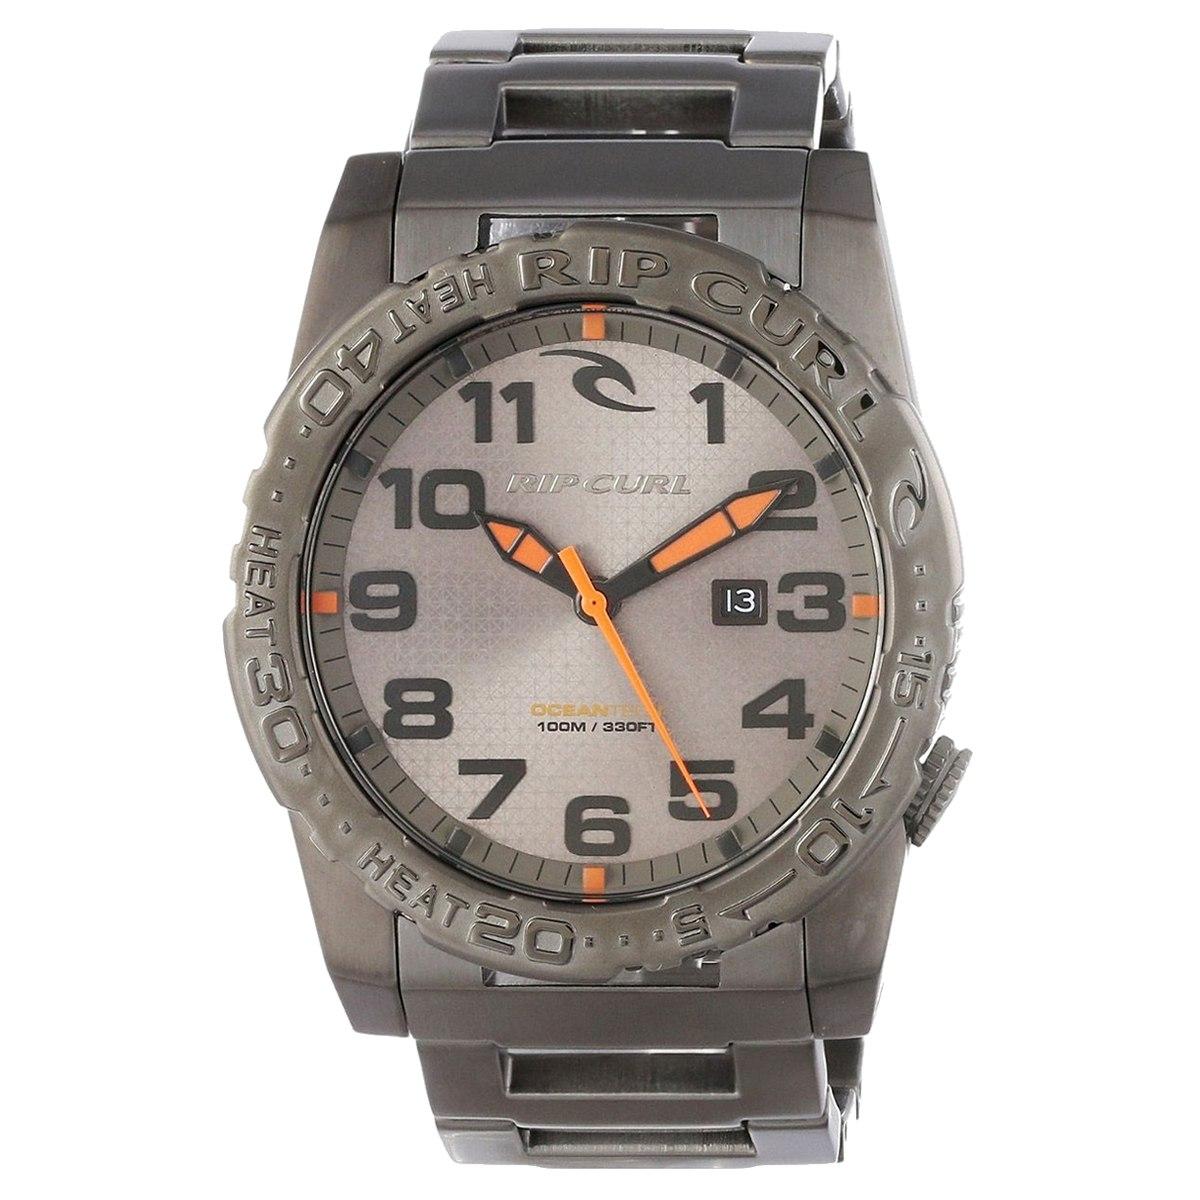 6ca09fd3e45 Relógio Rip Curl Cortez 2 Xl Sss Gun Metal A2505. Analógic - R  895 ...